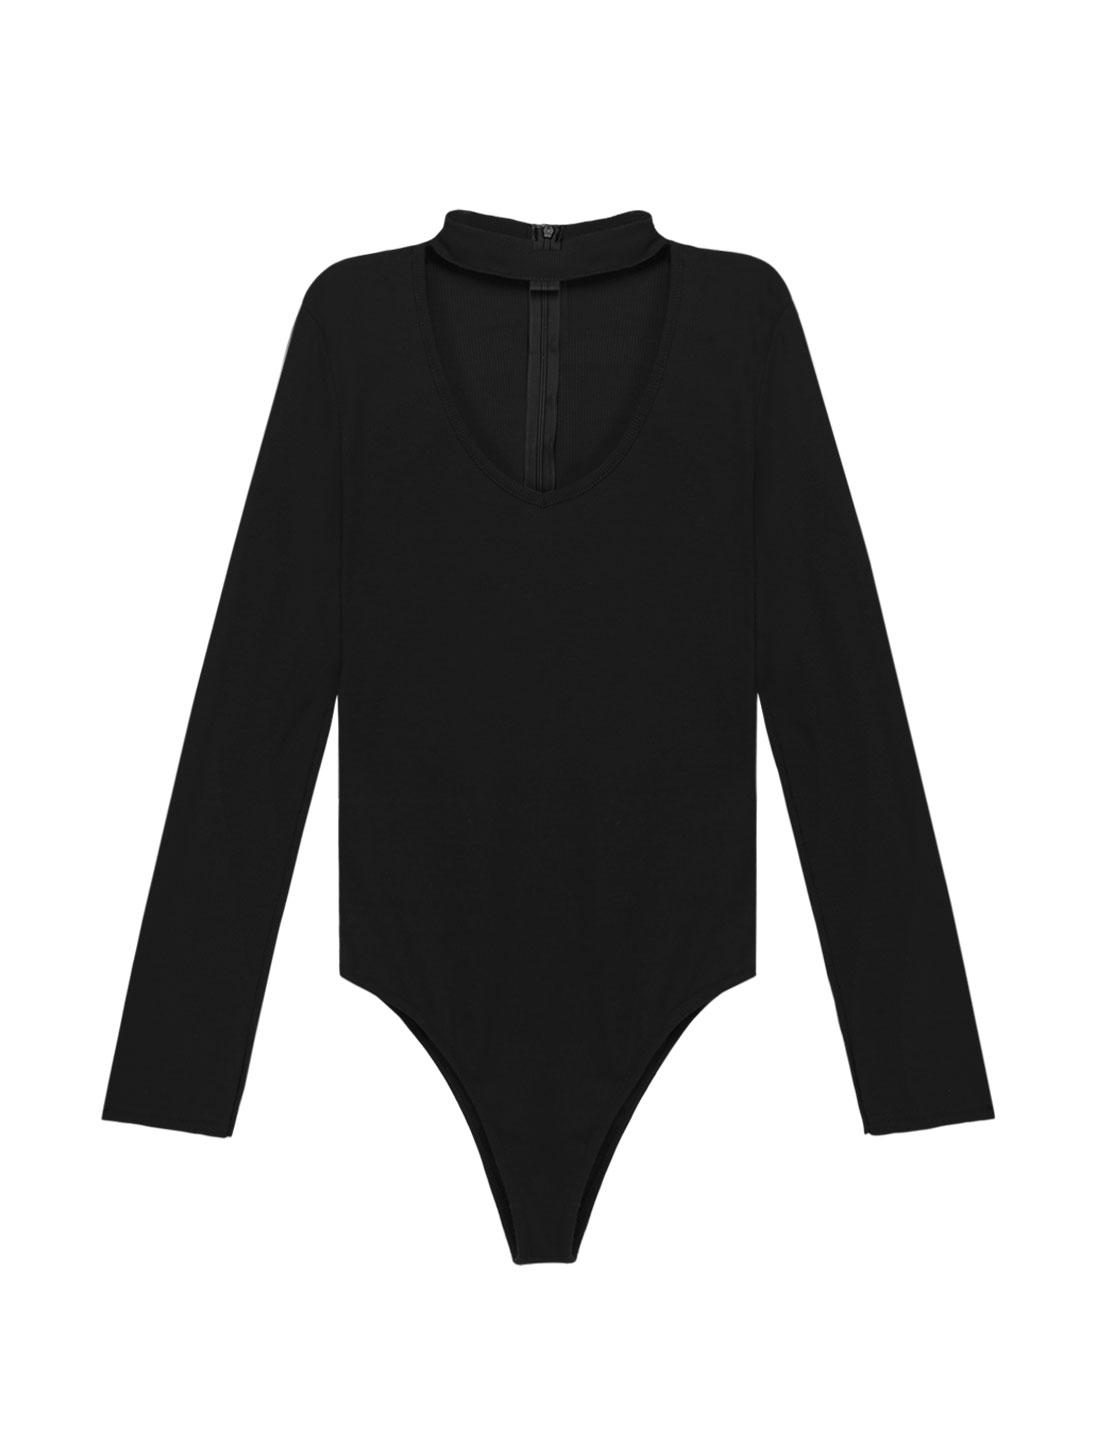 Women Choker Neck Long Sleeves Ribbed Design Slim Fit Bodysuit Black S